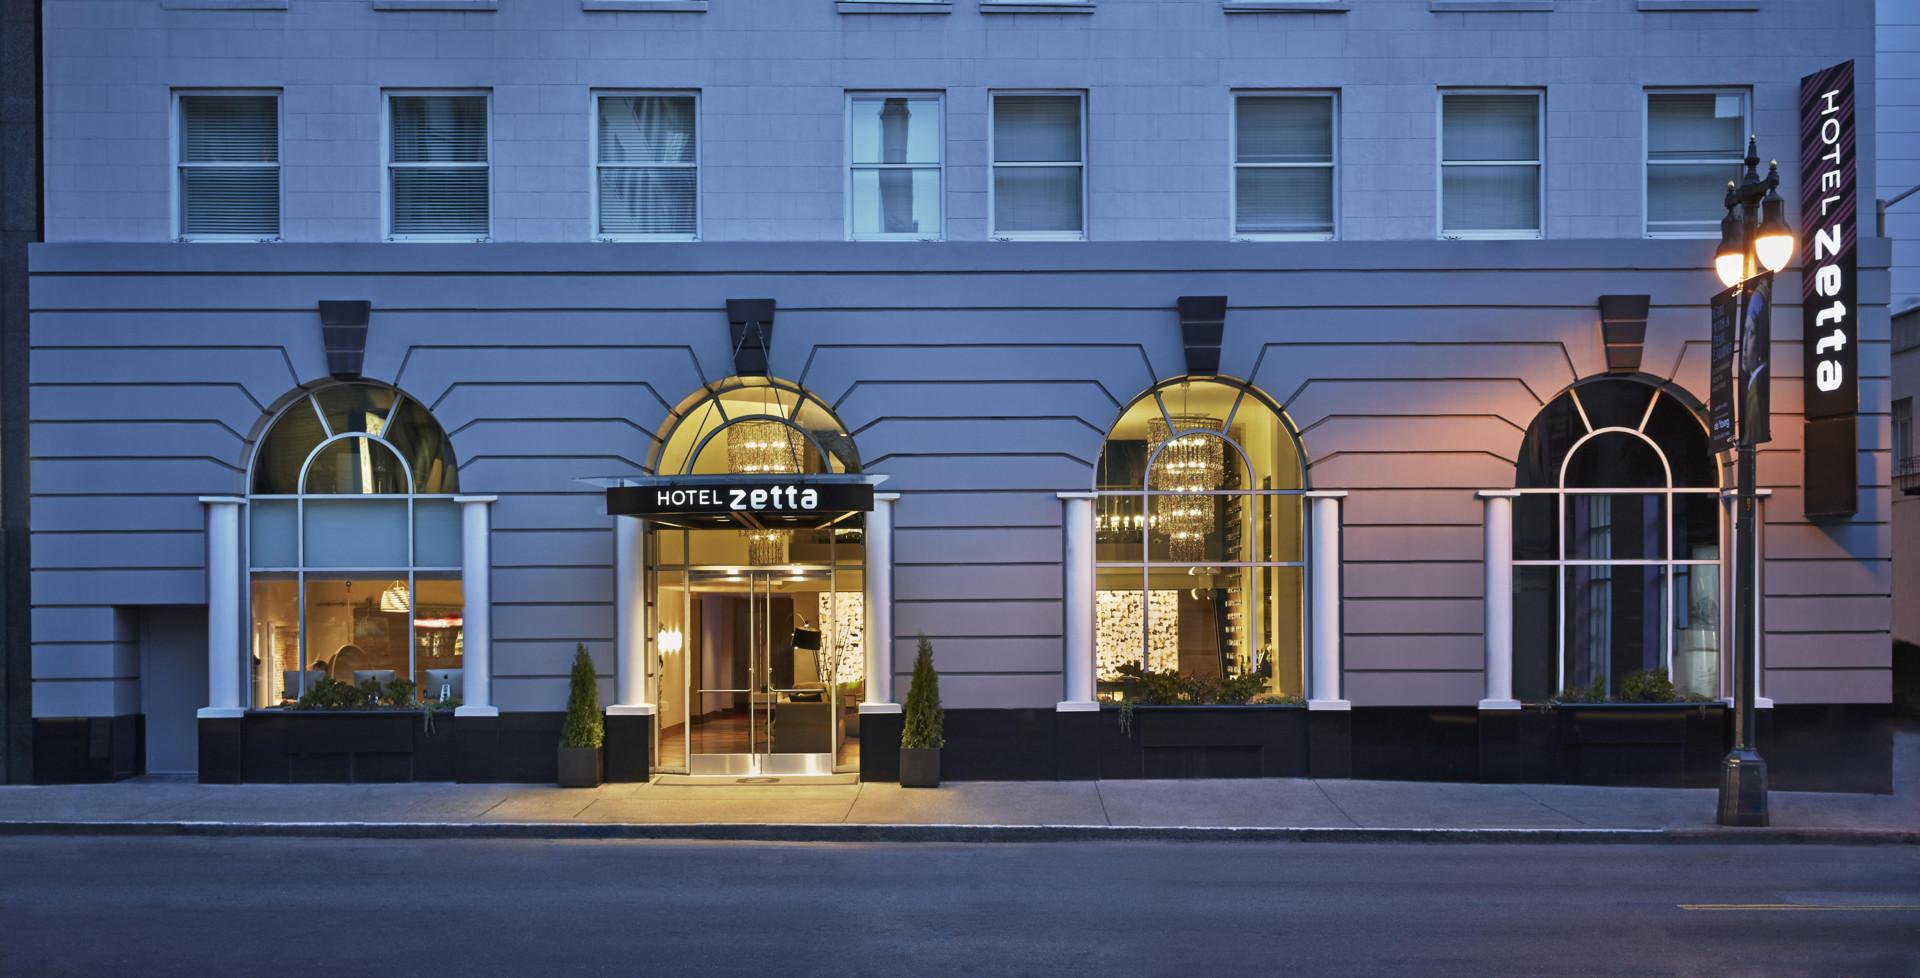 Hotel zetta san francisco usa original travel for Hotel original